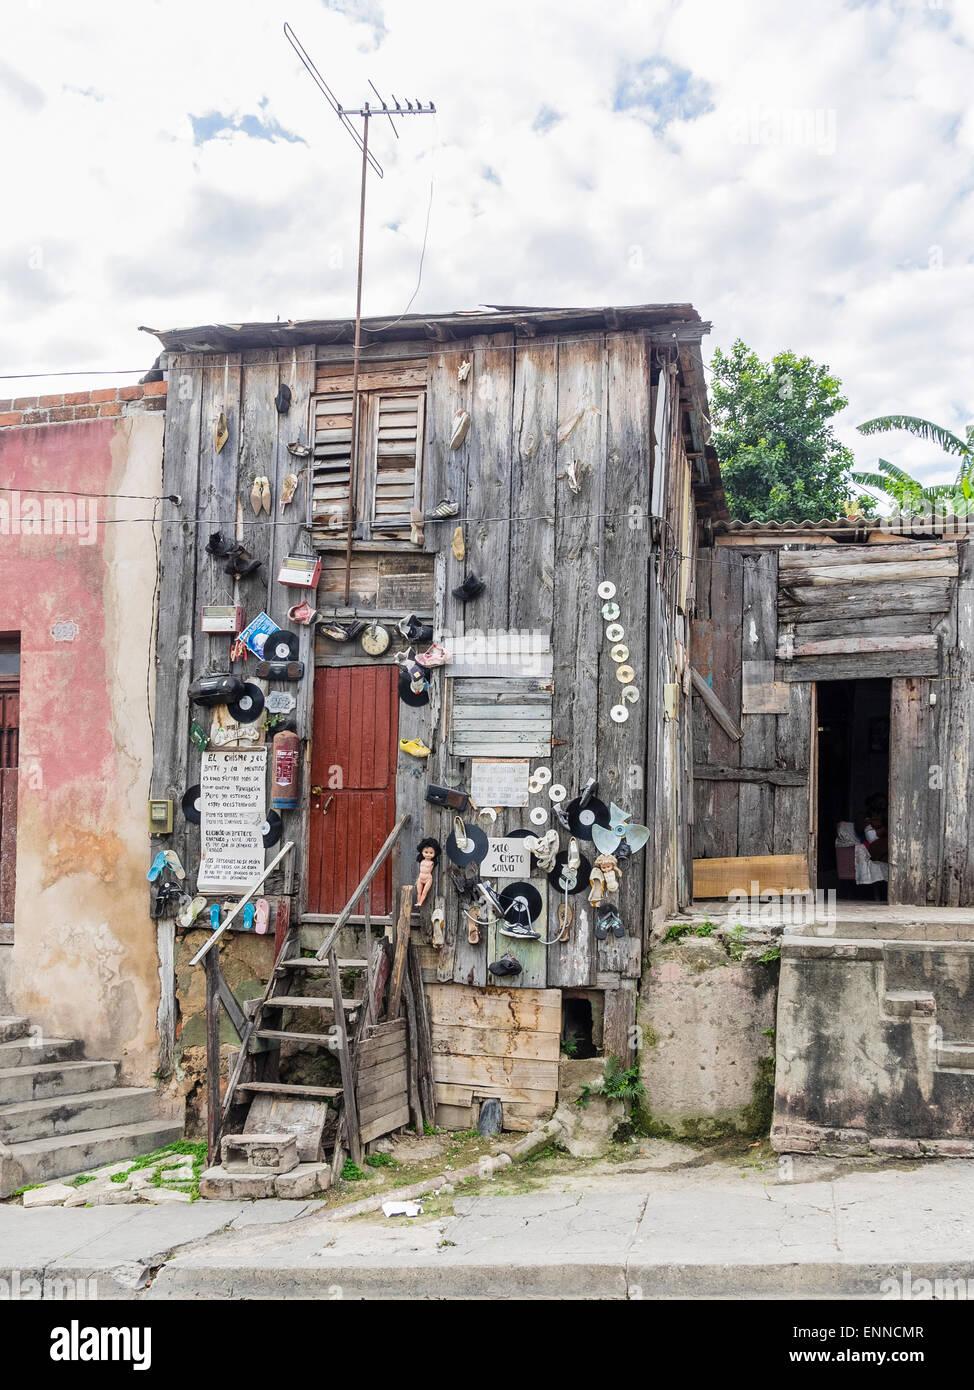 Funky Unkonventionellen Dekoration Auf Der Vorderseite Einer Kubanischen Bude Die Dekorationen Sind Puppen Cds Radio Uhr Sandalen Zeichen Stockfotografie Alamy